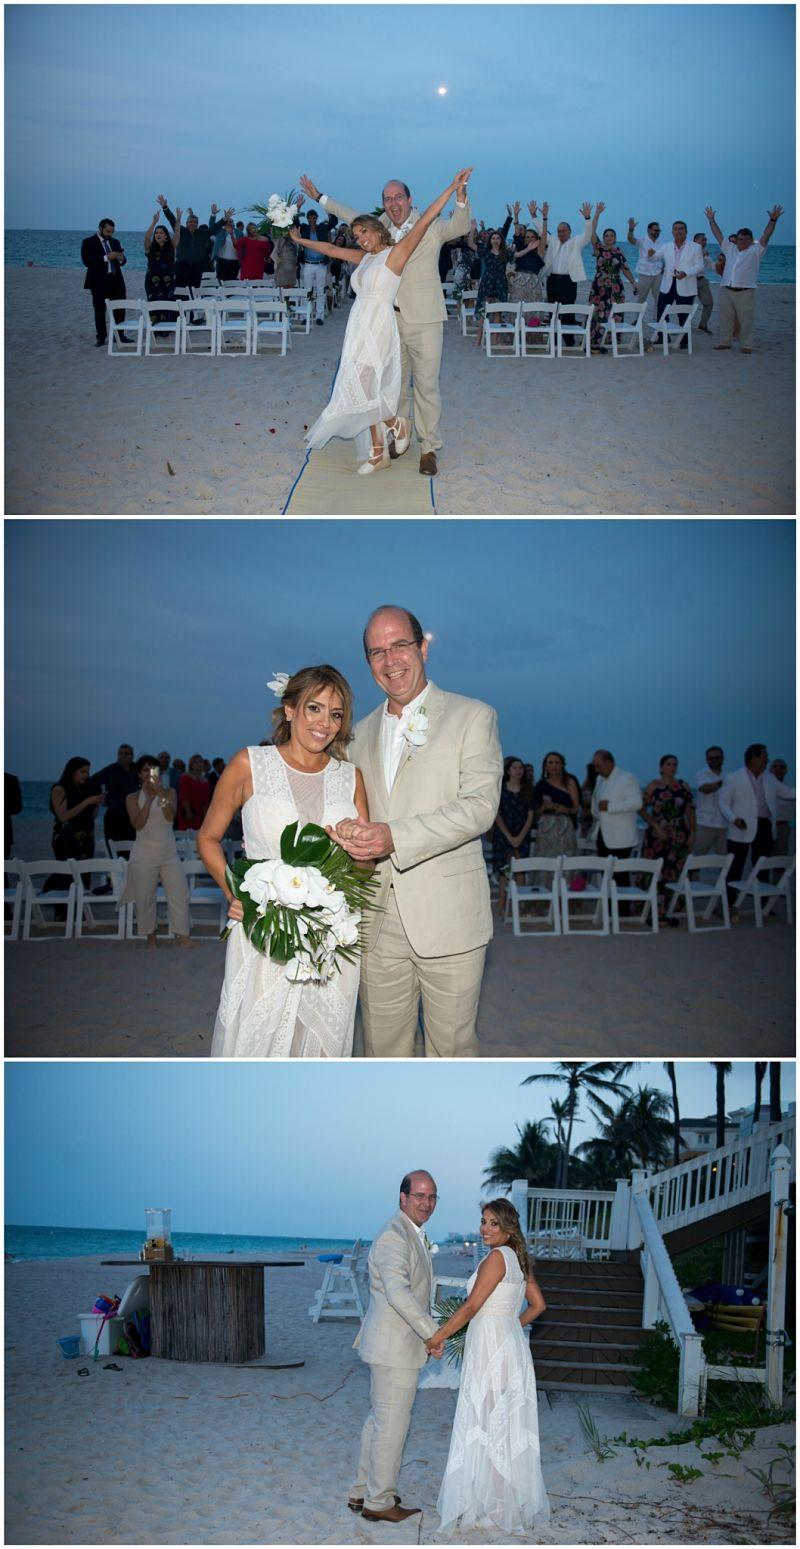 boda en la playa fotografo miami